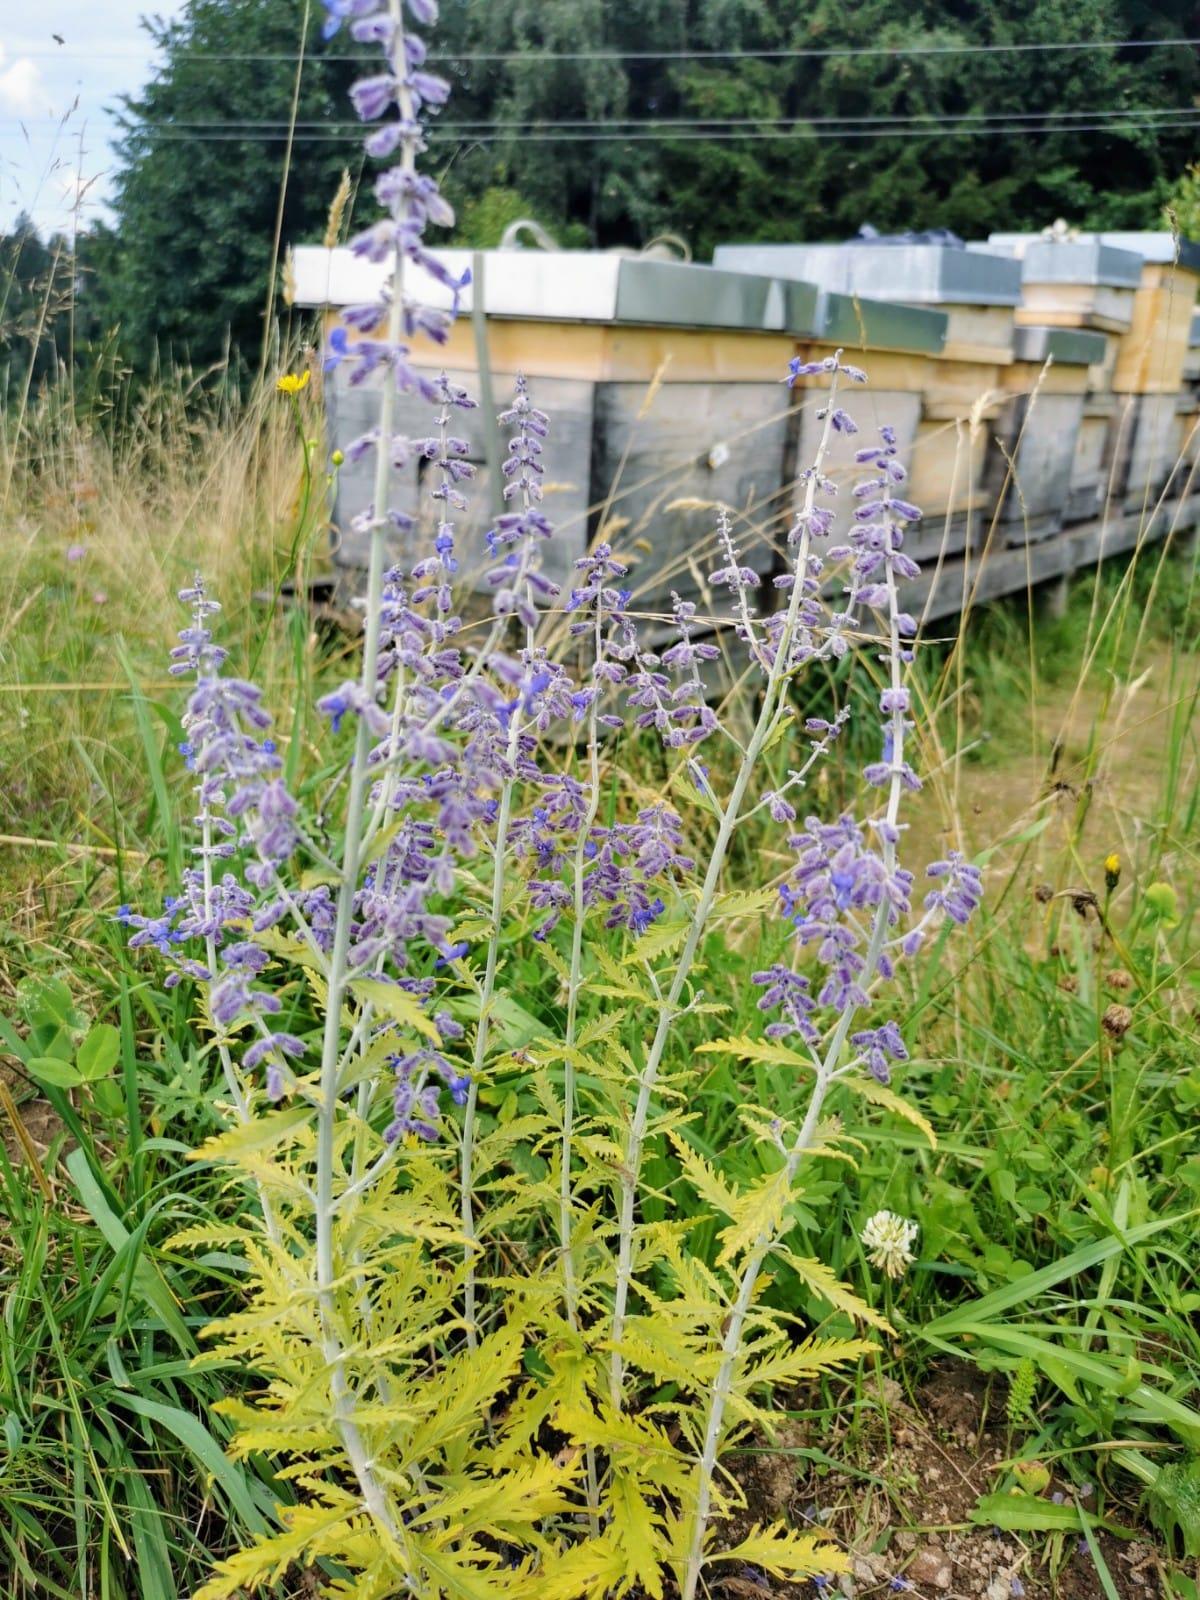 Blühstreifen - Bio Imkerei Bramreither - Mühlviertel - Rohrbach - Helfenberg - Penning - Bienenstöcke